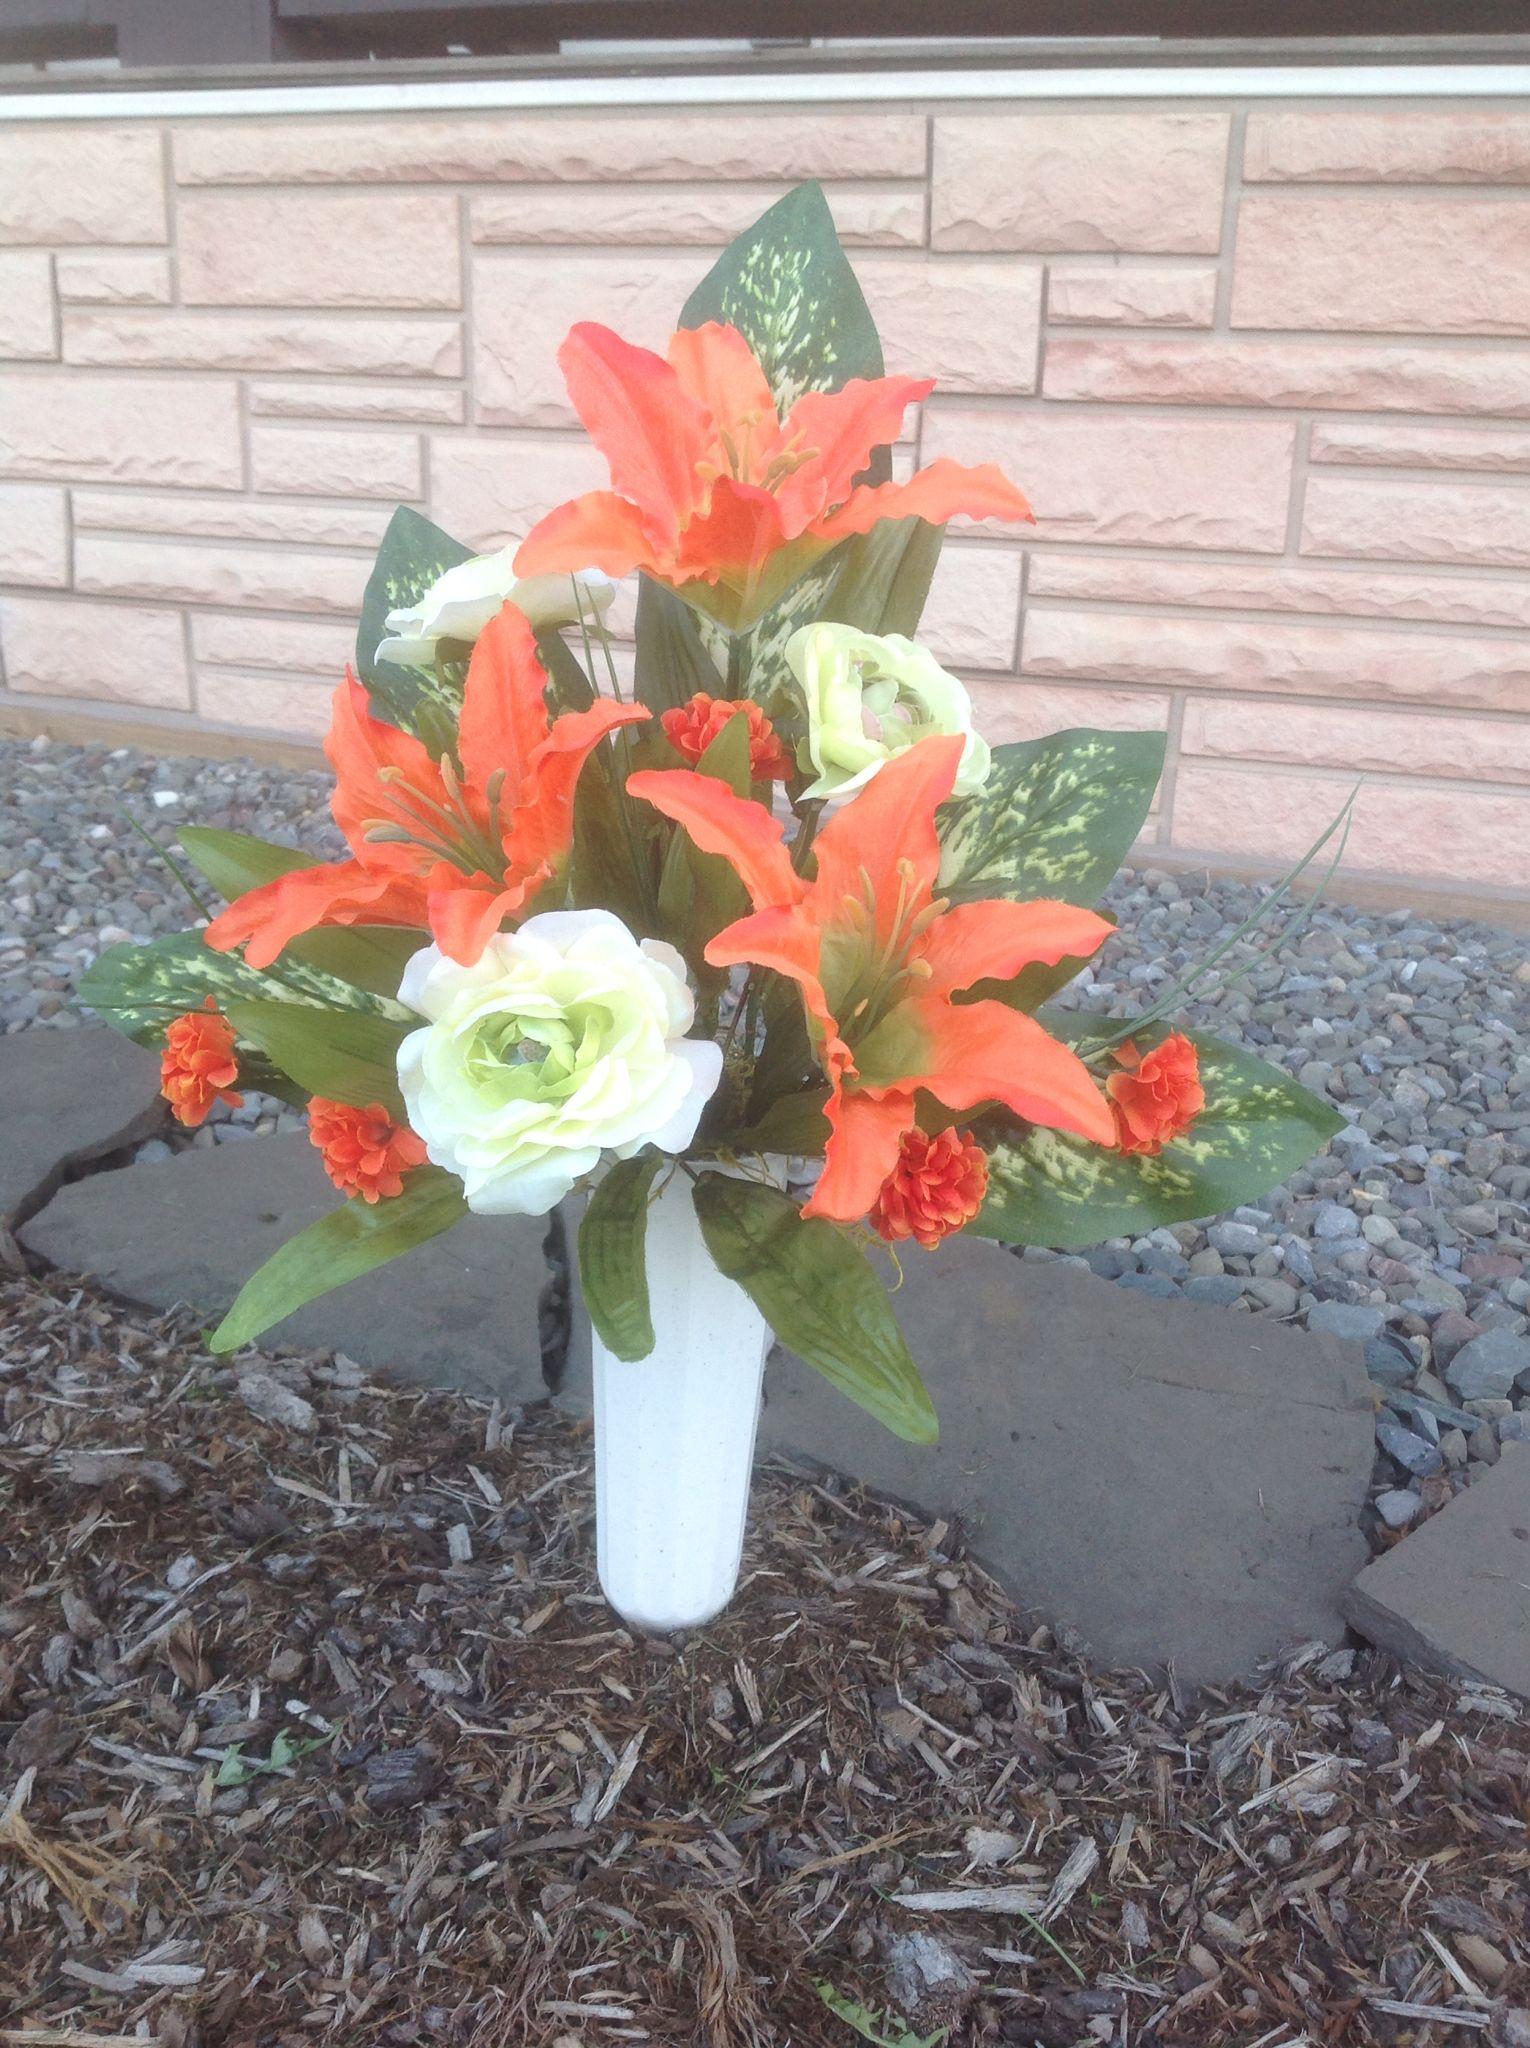 Cemetery Vase Silk Flower Design Arrangement Orange Lilies Green